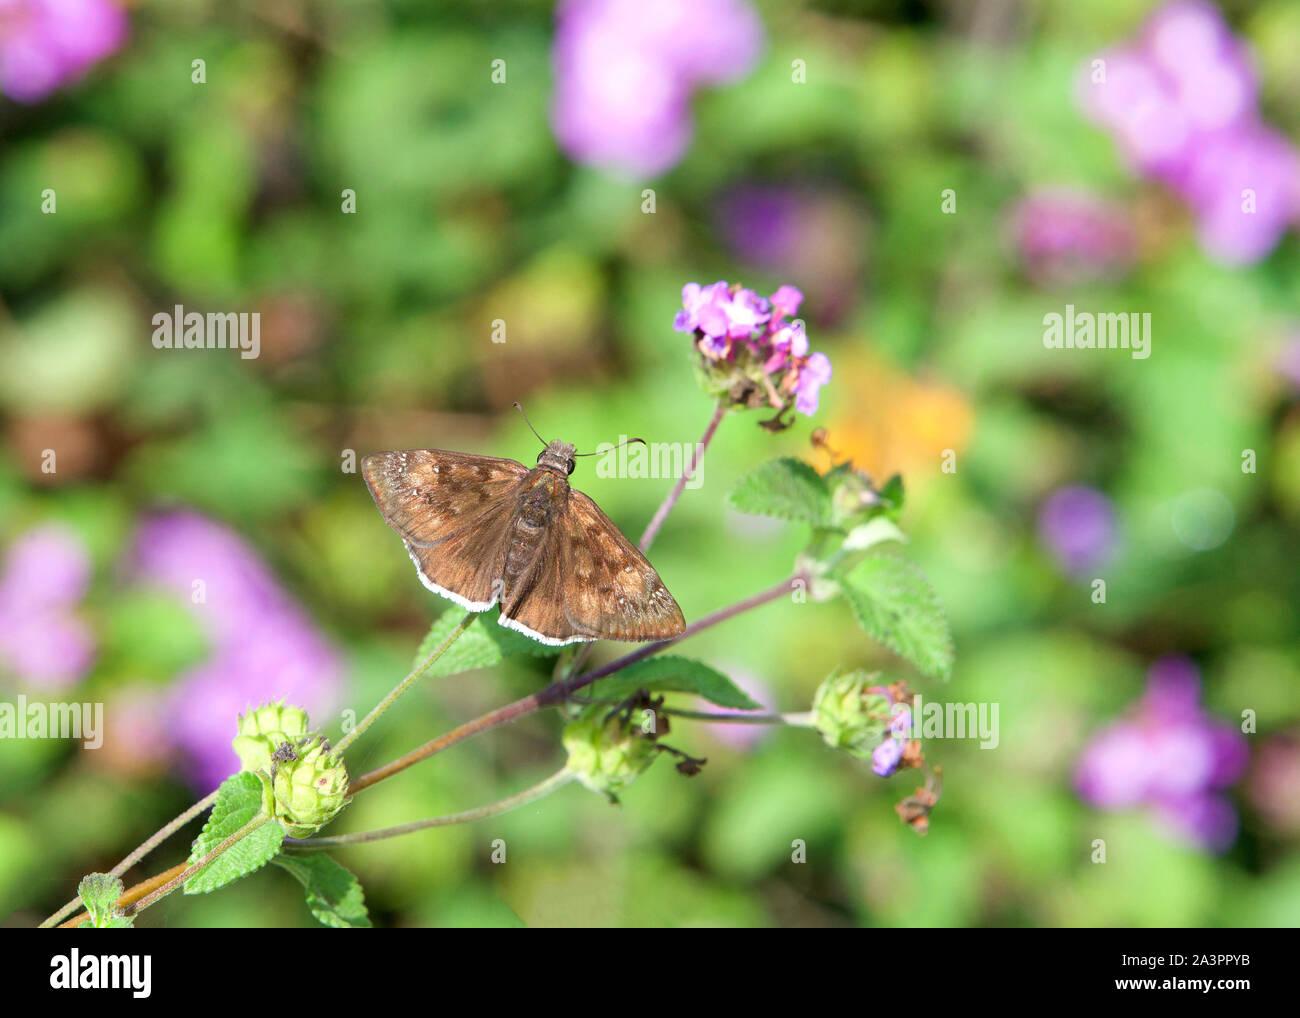 Erynnis tristis, la melancólica duskywing, es una especie de propagación-wing skipper en la familia de mariposas Hesperiidae, bebiendo de púrpura y la lavanda Foto de stock